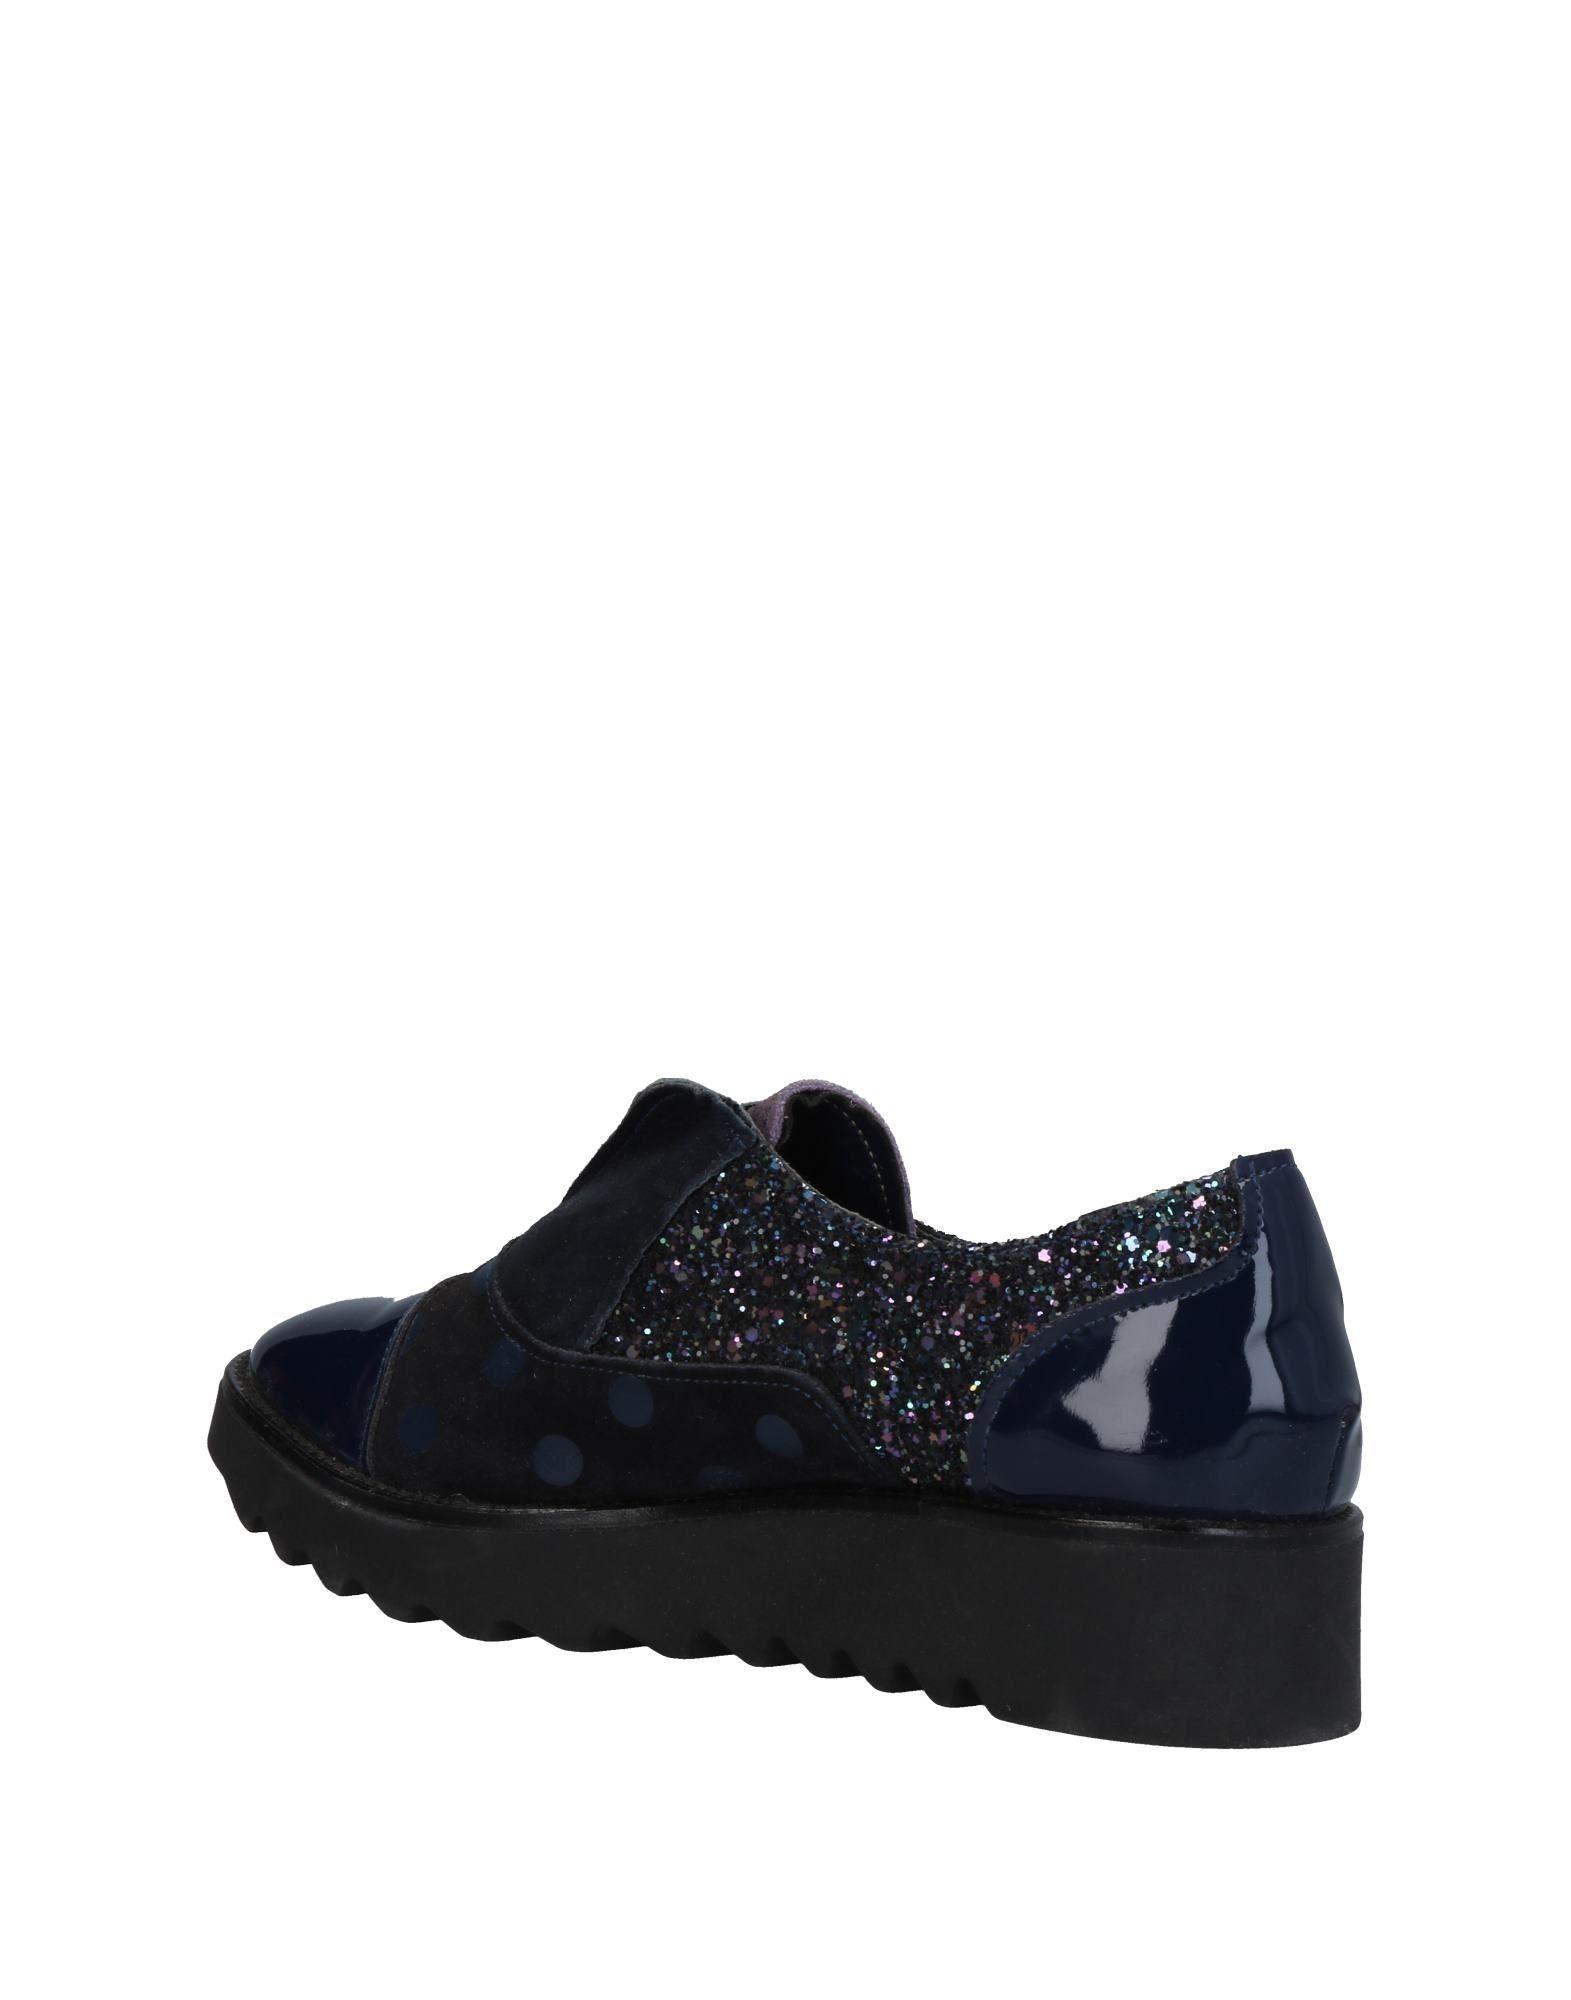 Ebarrito Mokassins Damen beliebte  11457375EX Gute Qualität beliebte Damen Schuhe 40075b